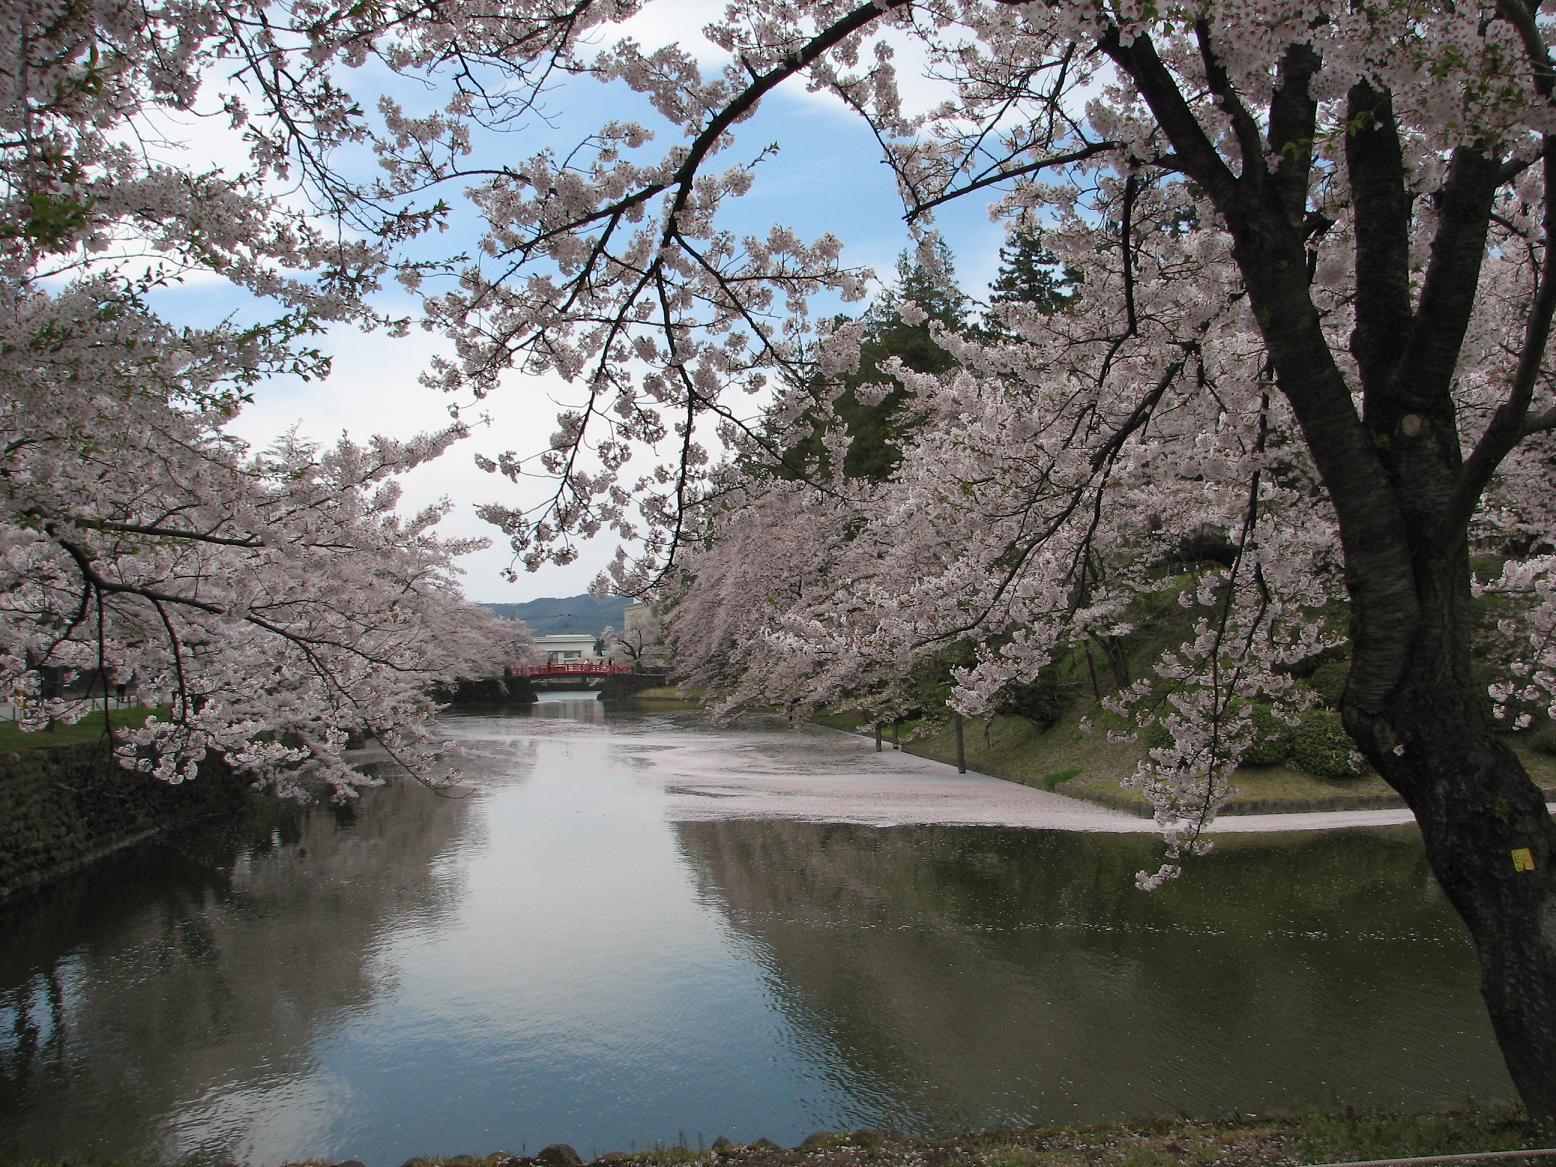 散る桜、残る桜も、散る桜_c0075701_1881374.jpg